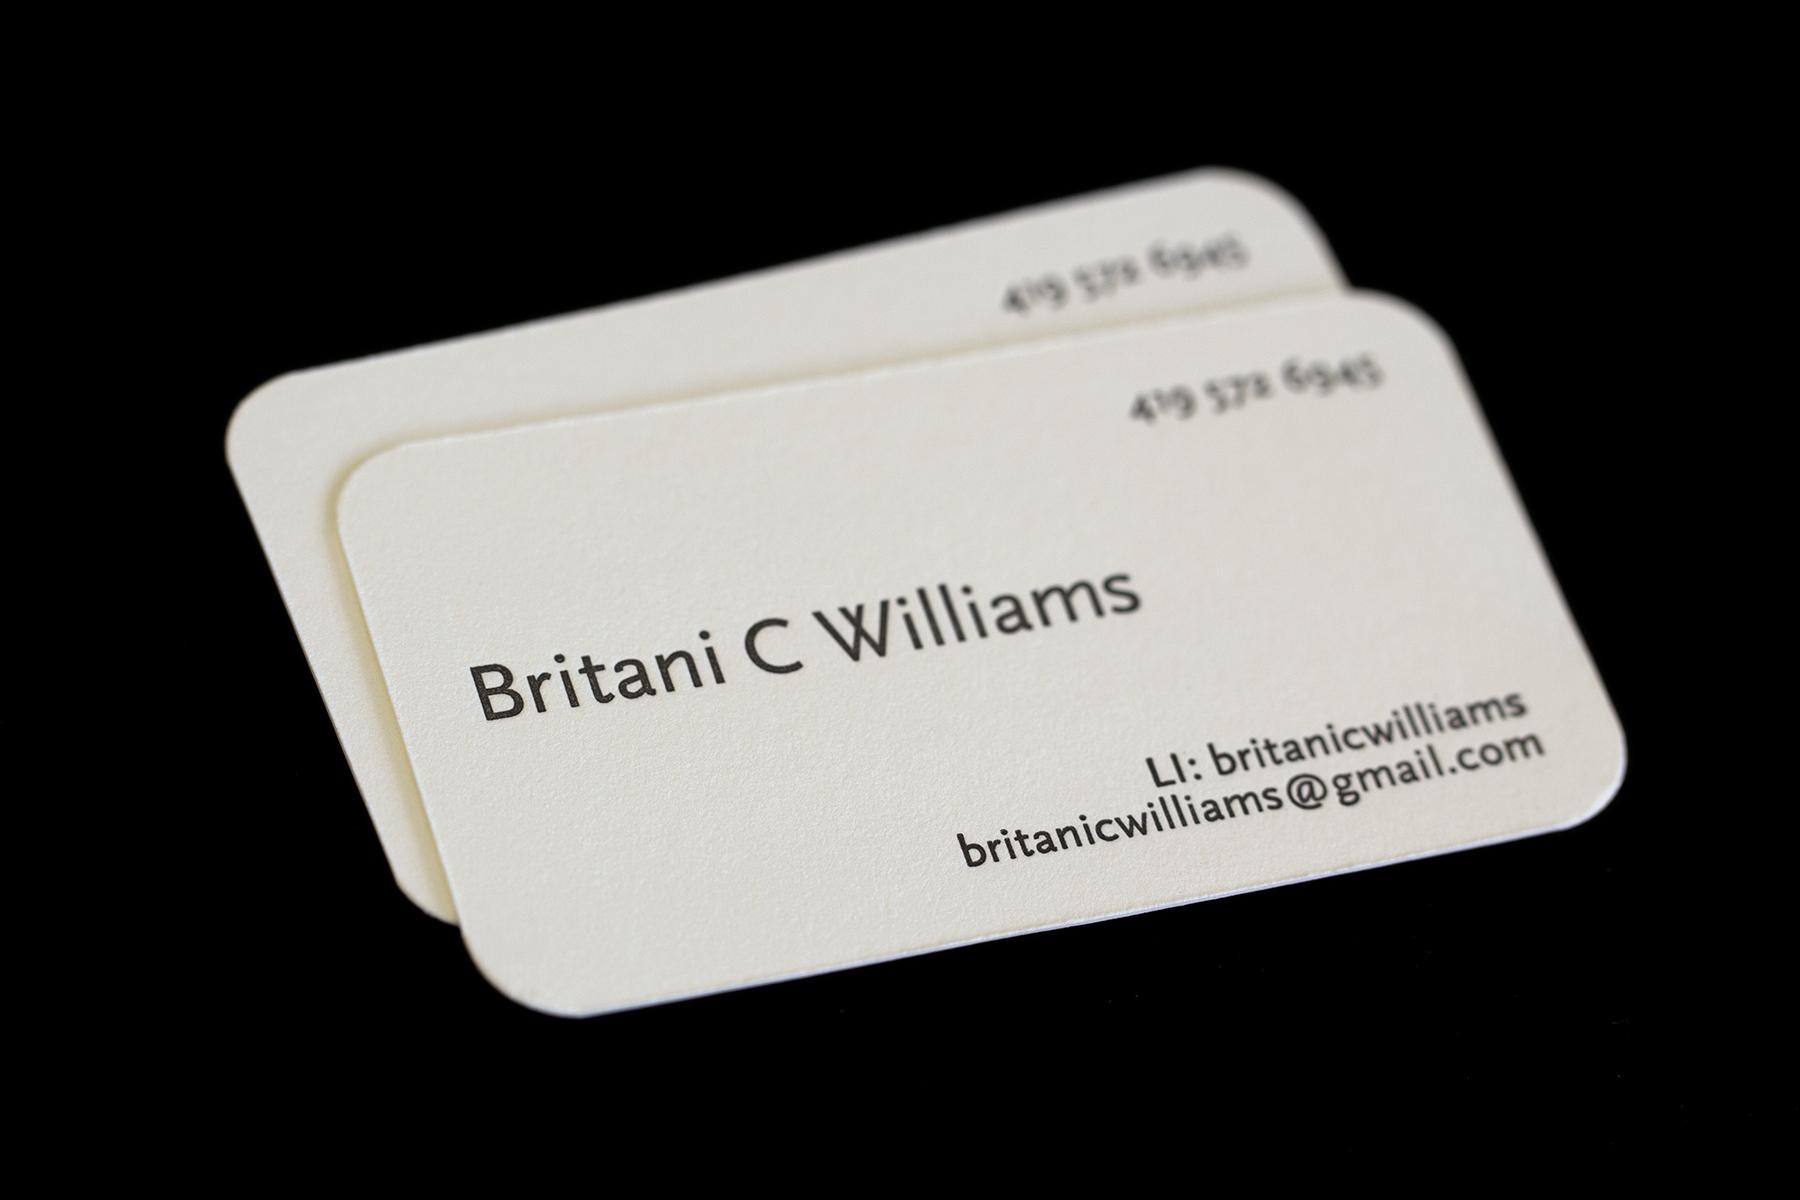 britani_williams_1